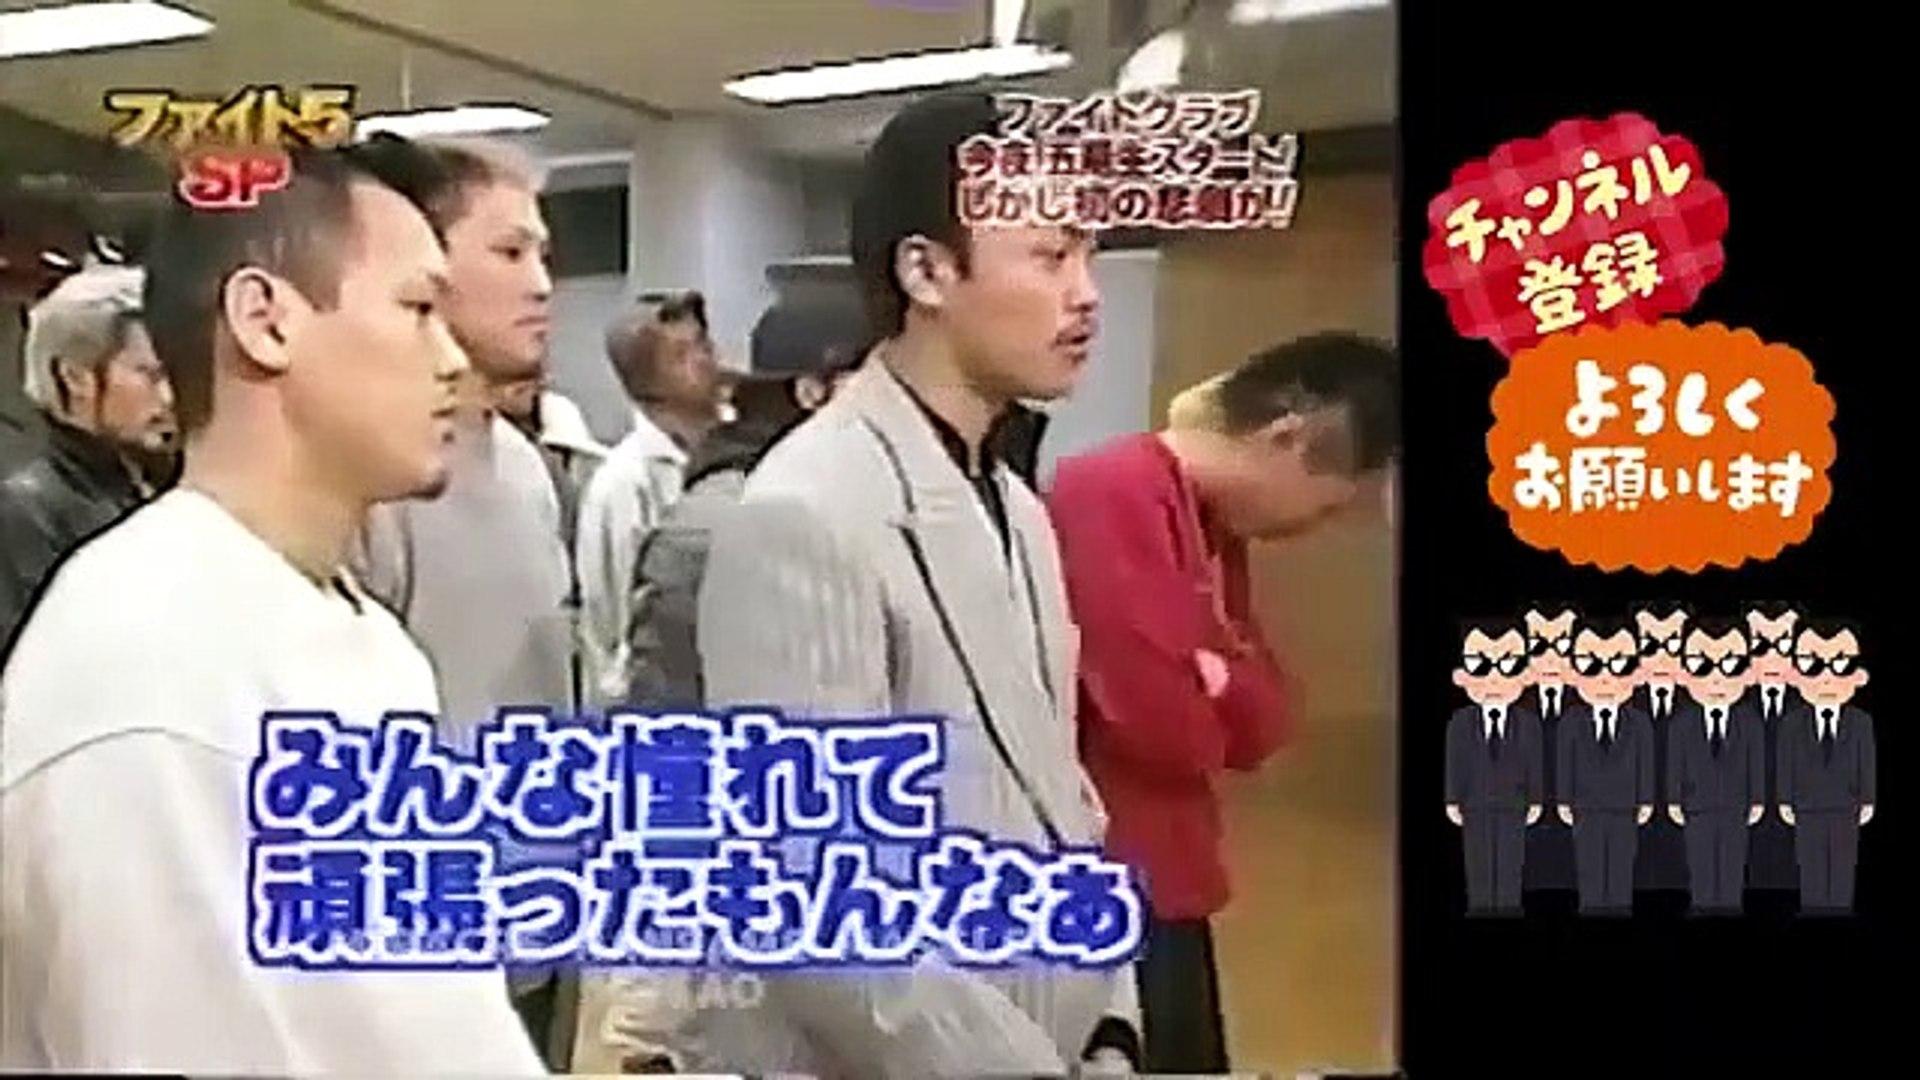 期生 クラブ ボクシング 5 ガチンコ ファイト